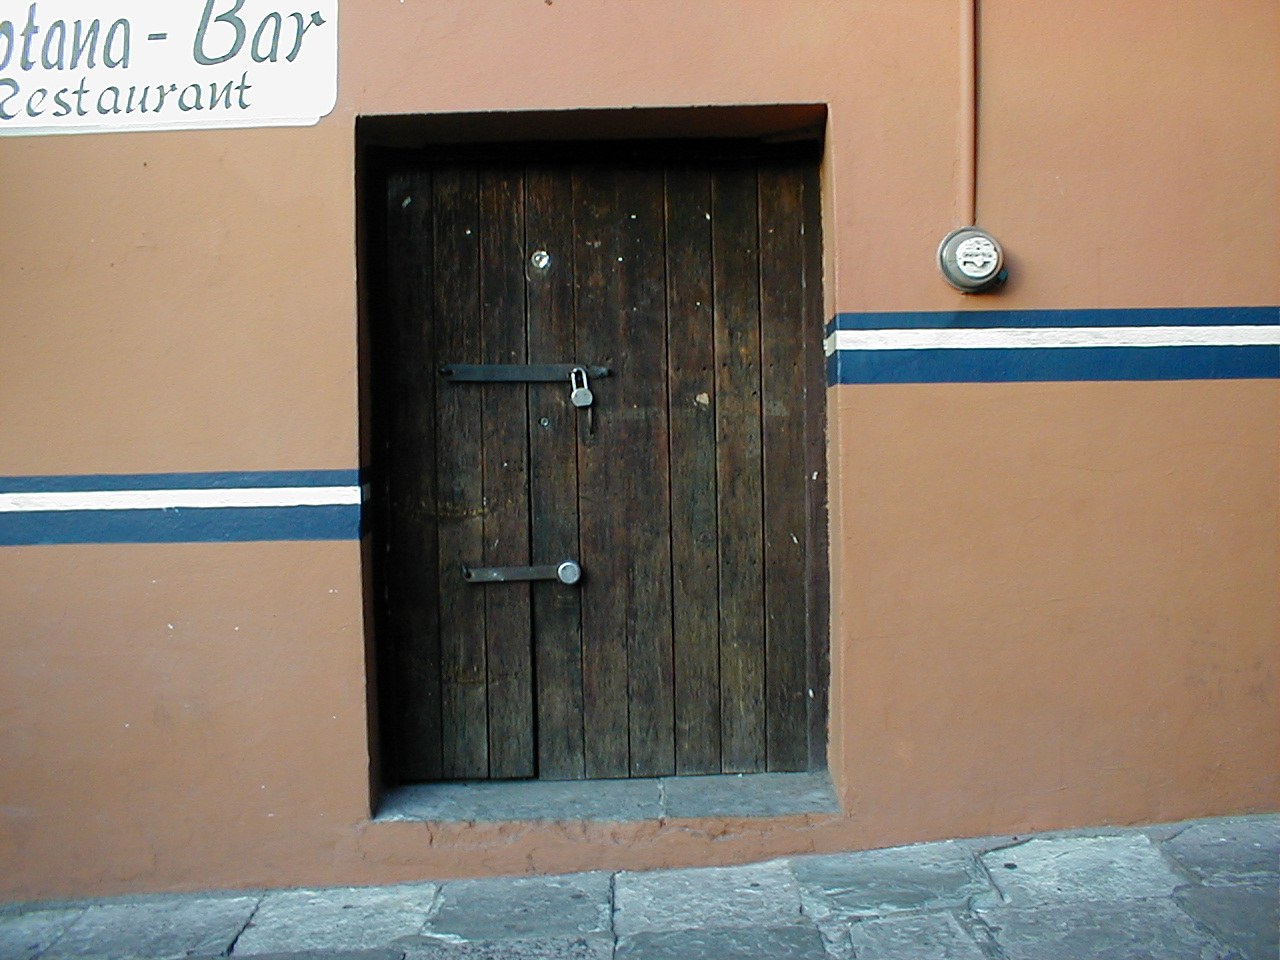 dario bar door wood wooden heavy padlock cafe brown